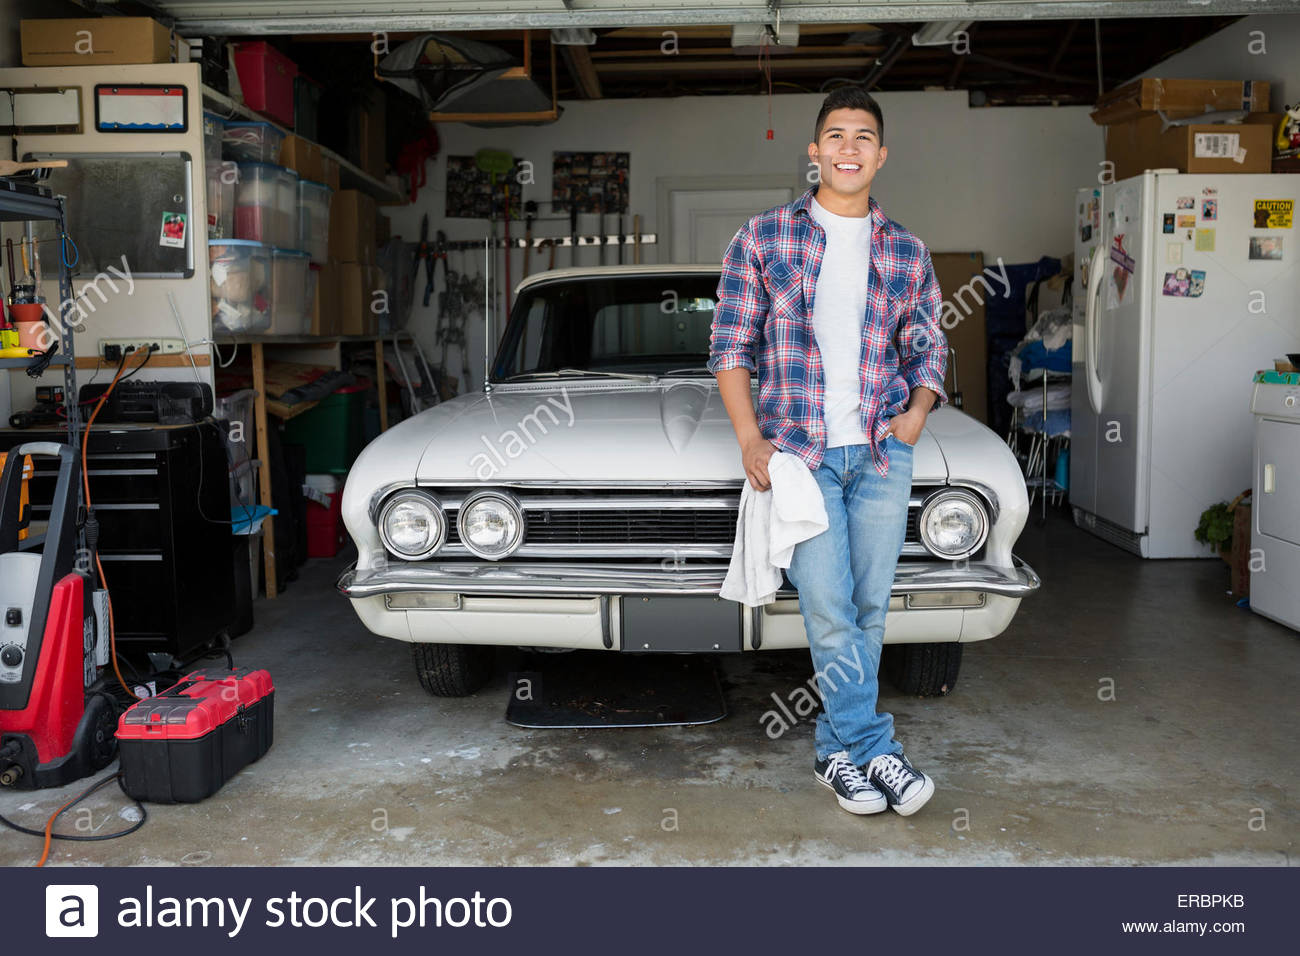 Retrato sonriente joven con garaje de coches antiguos foto imagen de stock 83237823 alamy - Garaje de coches ...